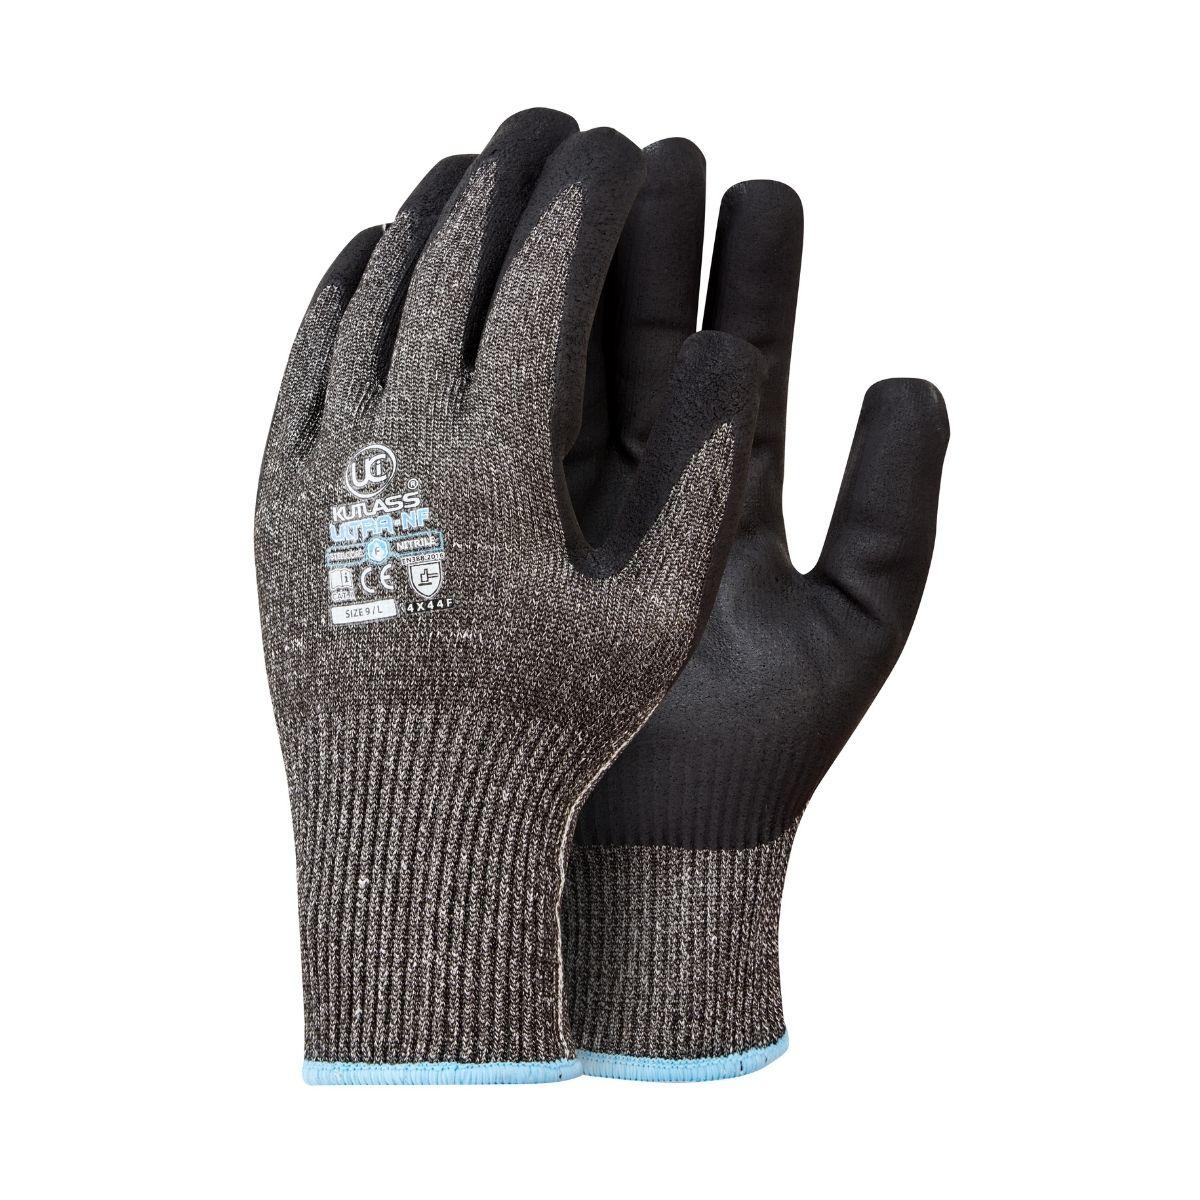 GL0028 Kutlass Ultra-NF Cut Level F Gloves